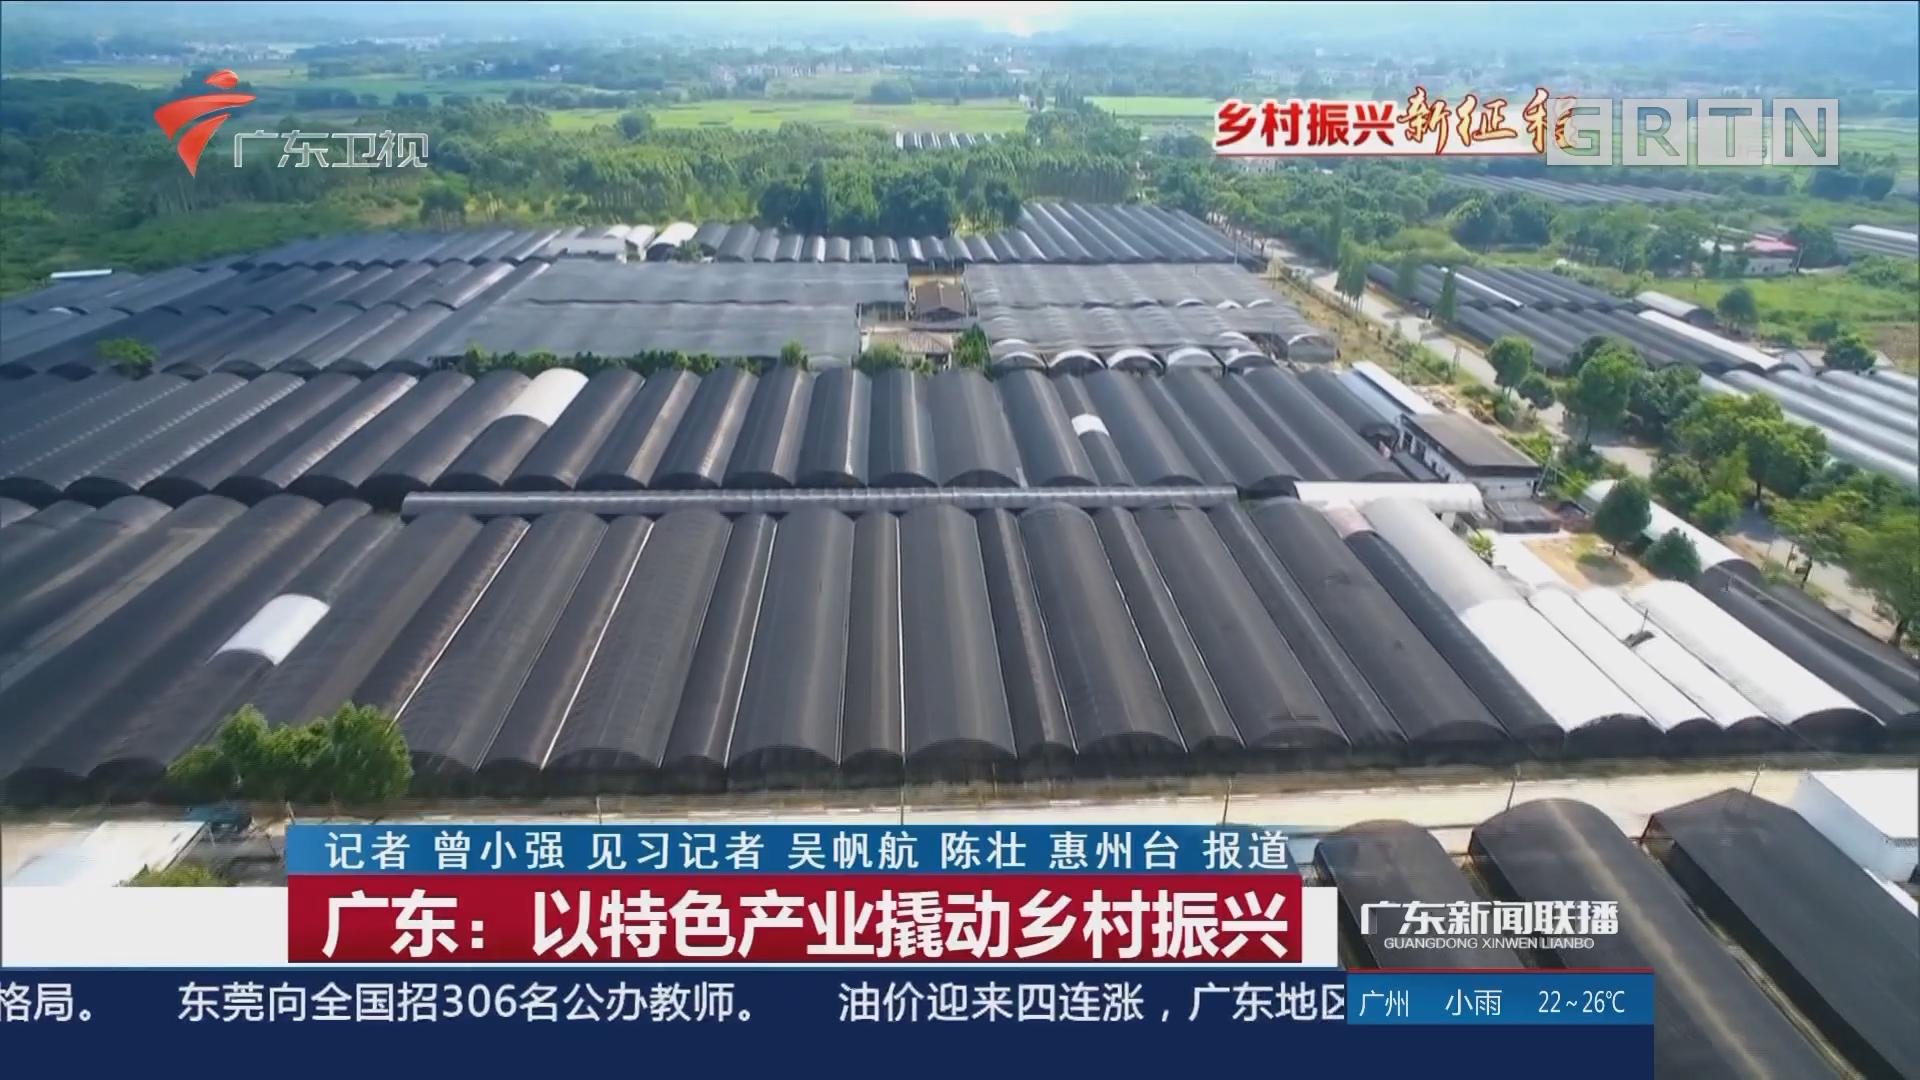 广东:以特色产业撬动乡村振兴